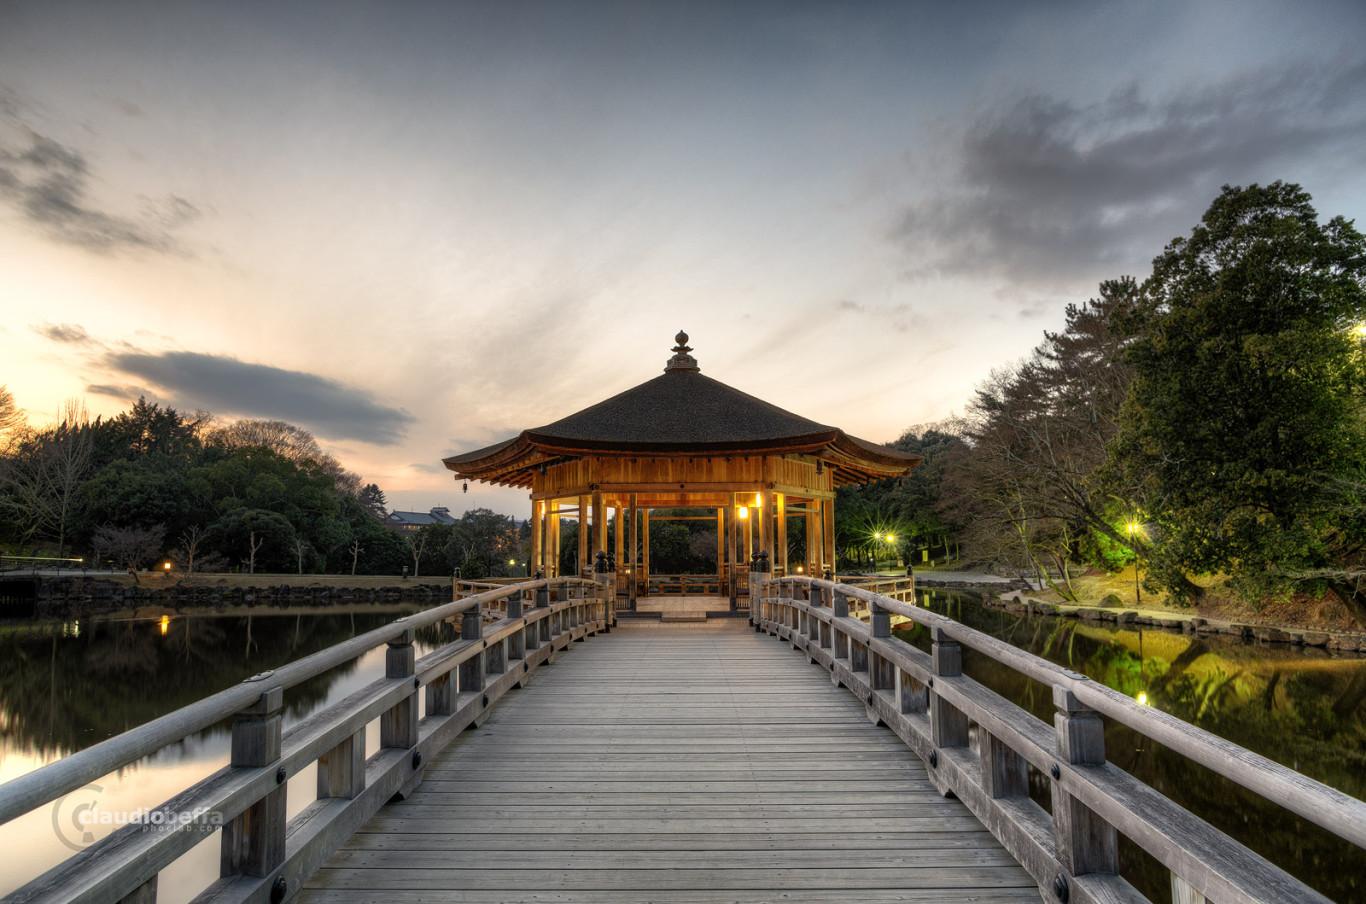 Sunset Bridge Wood Pavilion Lake Nara Landscape HDR Japan Pentax